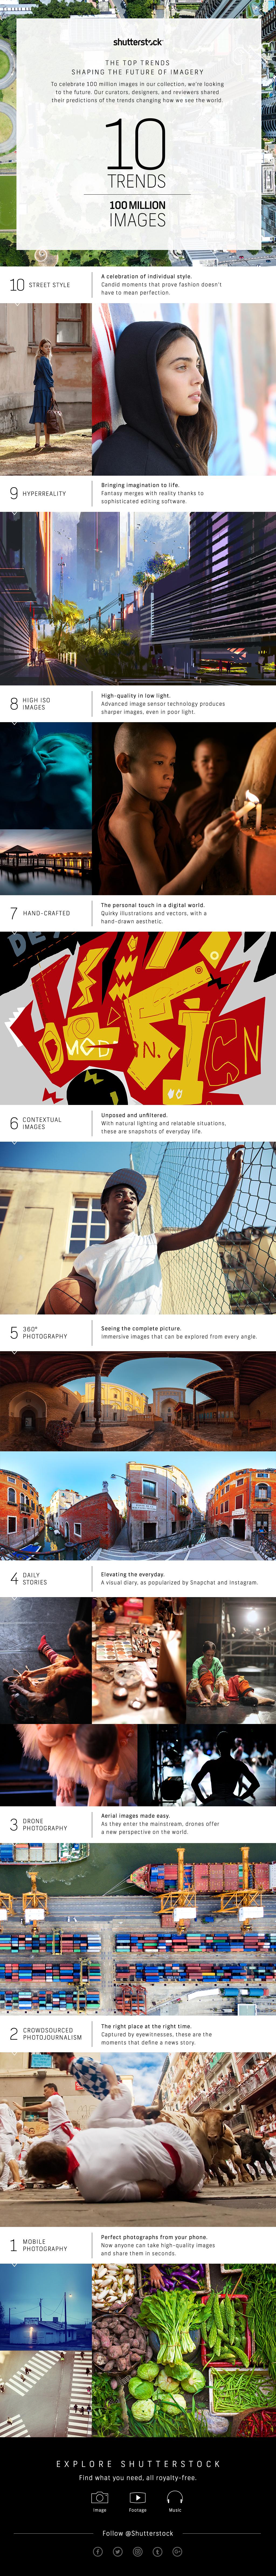 shutterstock image trends